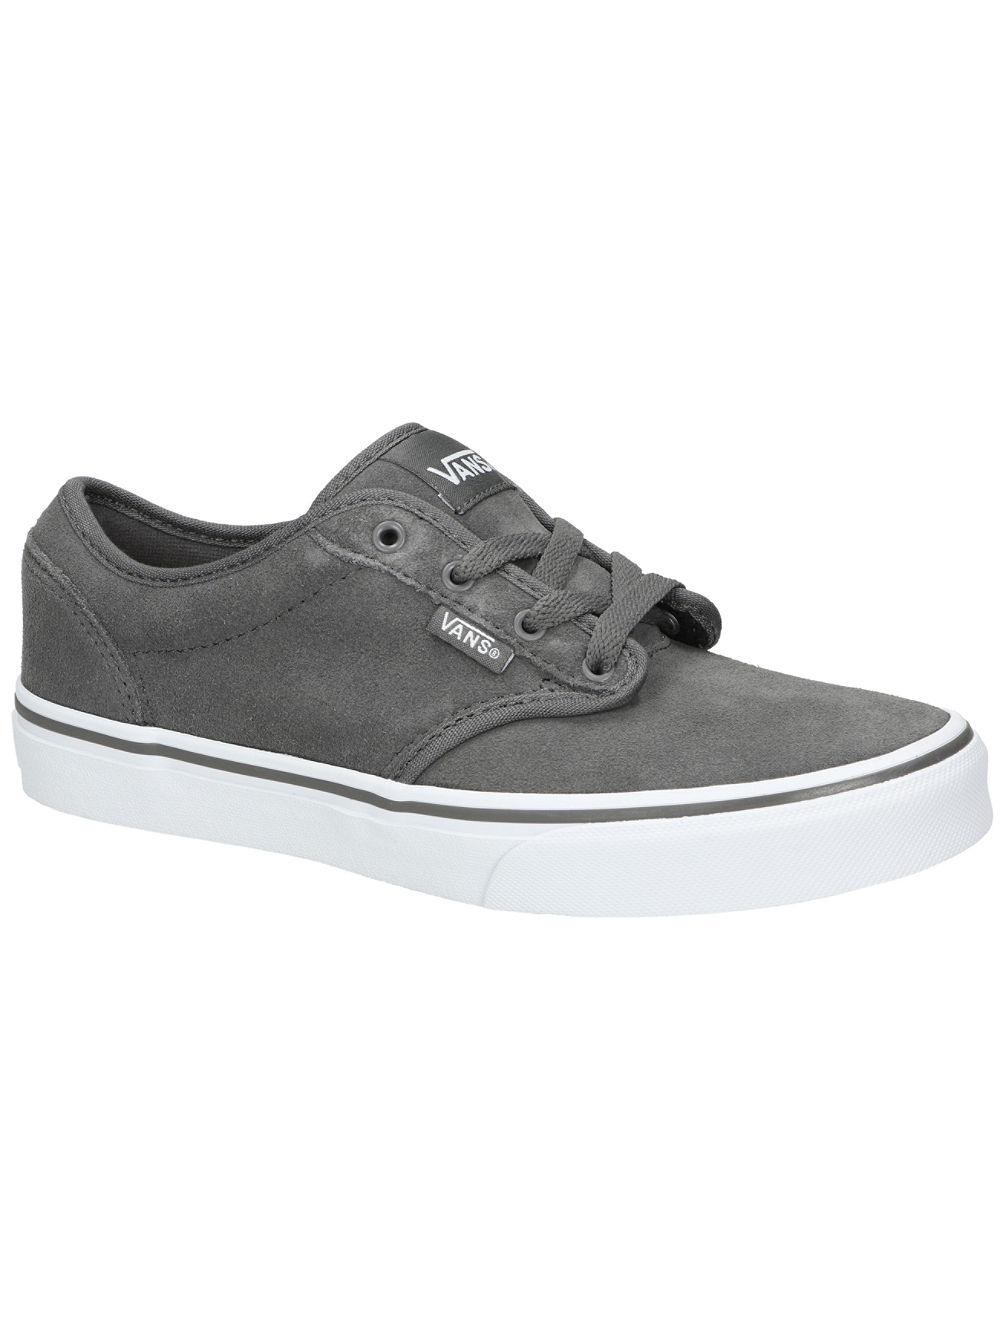 Compra Vans Atwood Zapatillas deportivas niños en línea en blue ... d98a31bb5a2